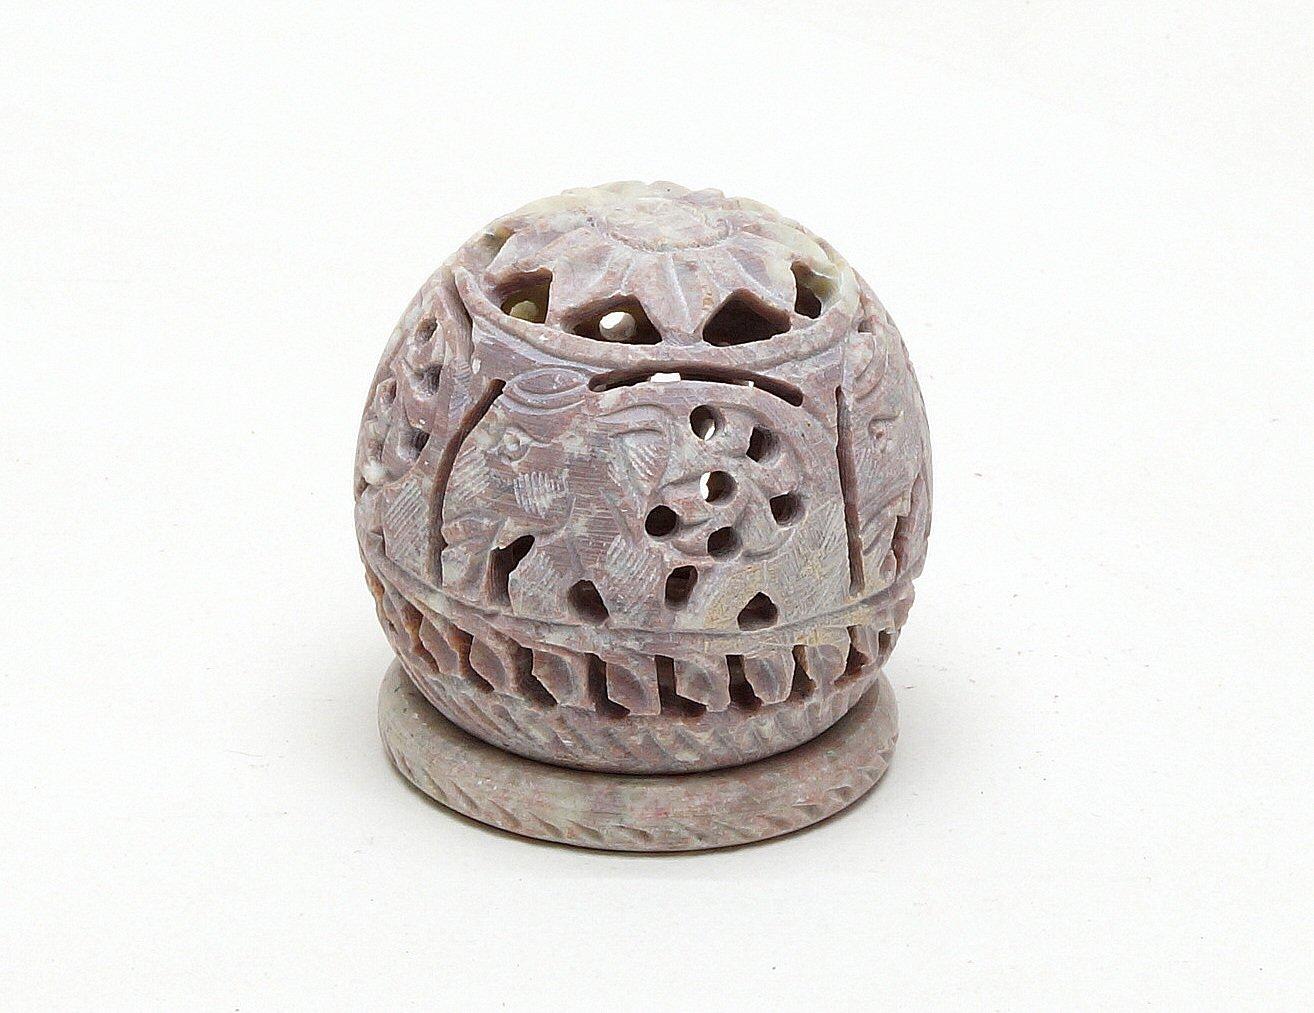 swiecznik z kamienia indyjski recznie rzezbiony azurowy kula